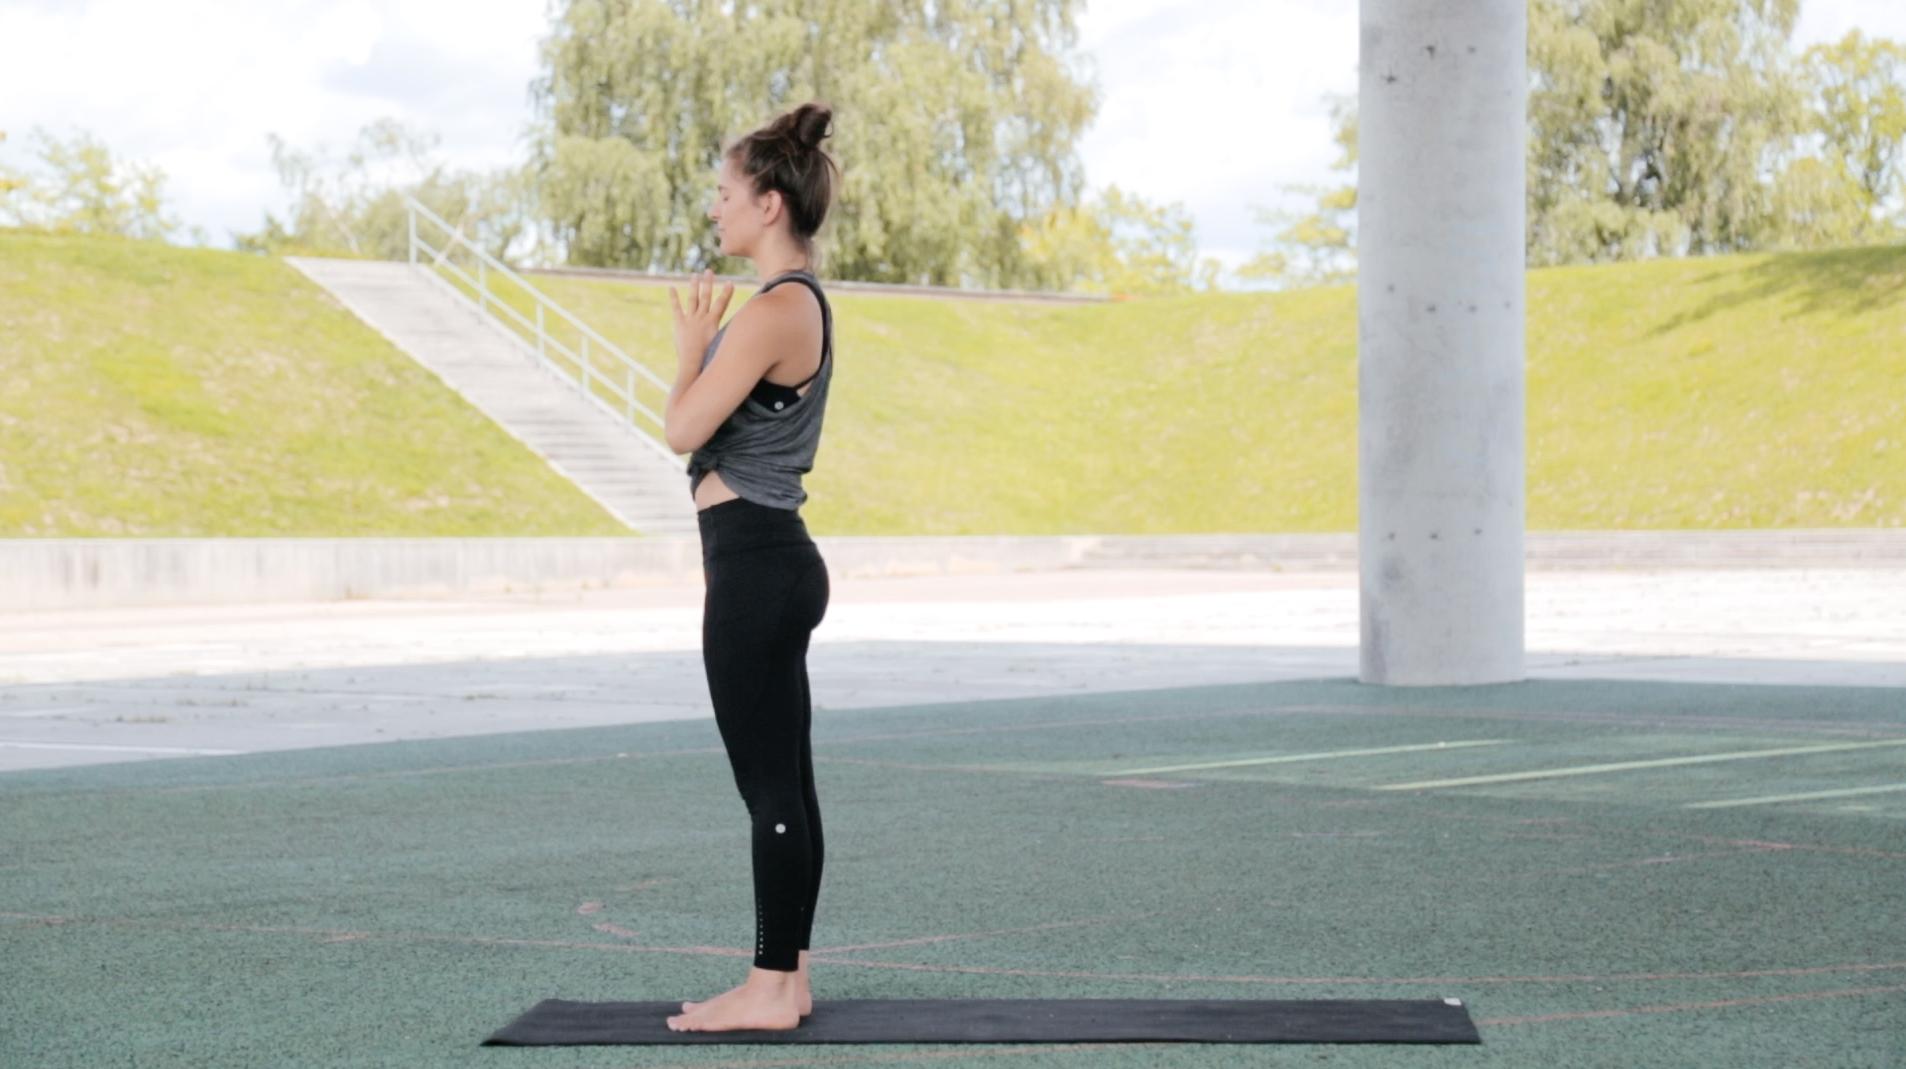 Mady-Morrison-yoga-Warrior-Flow-00017